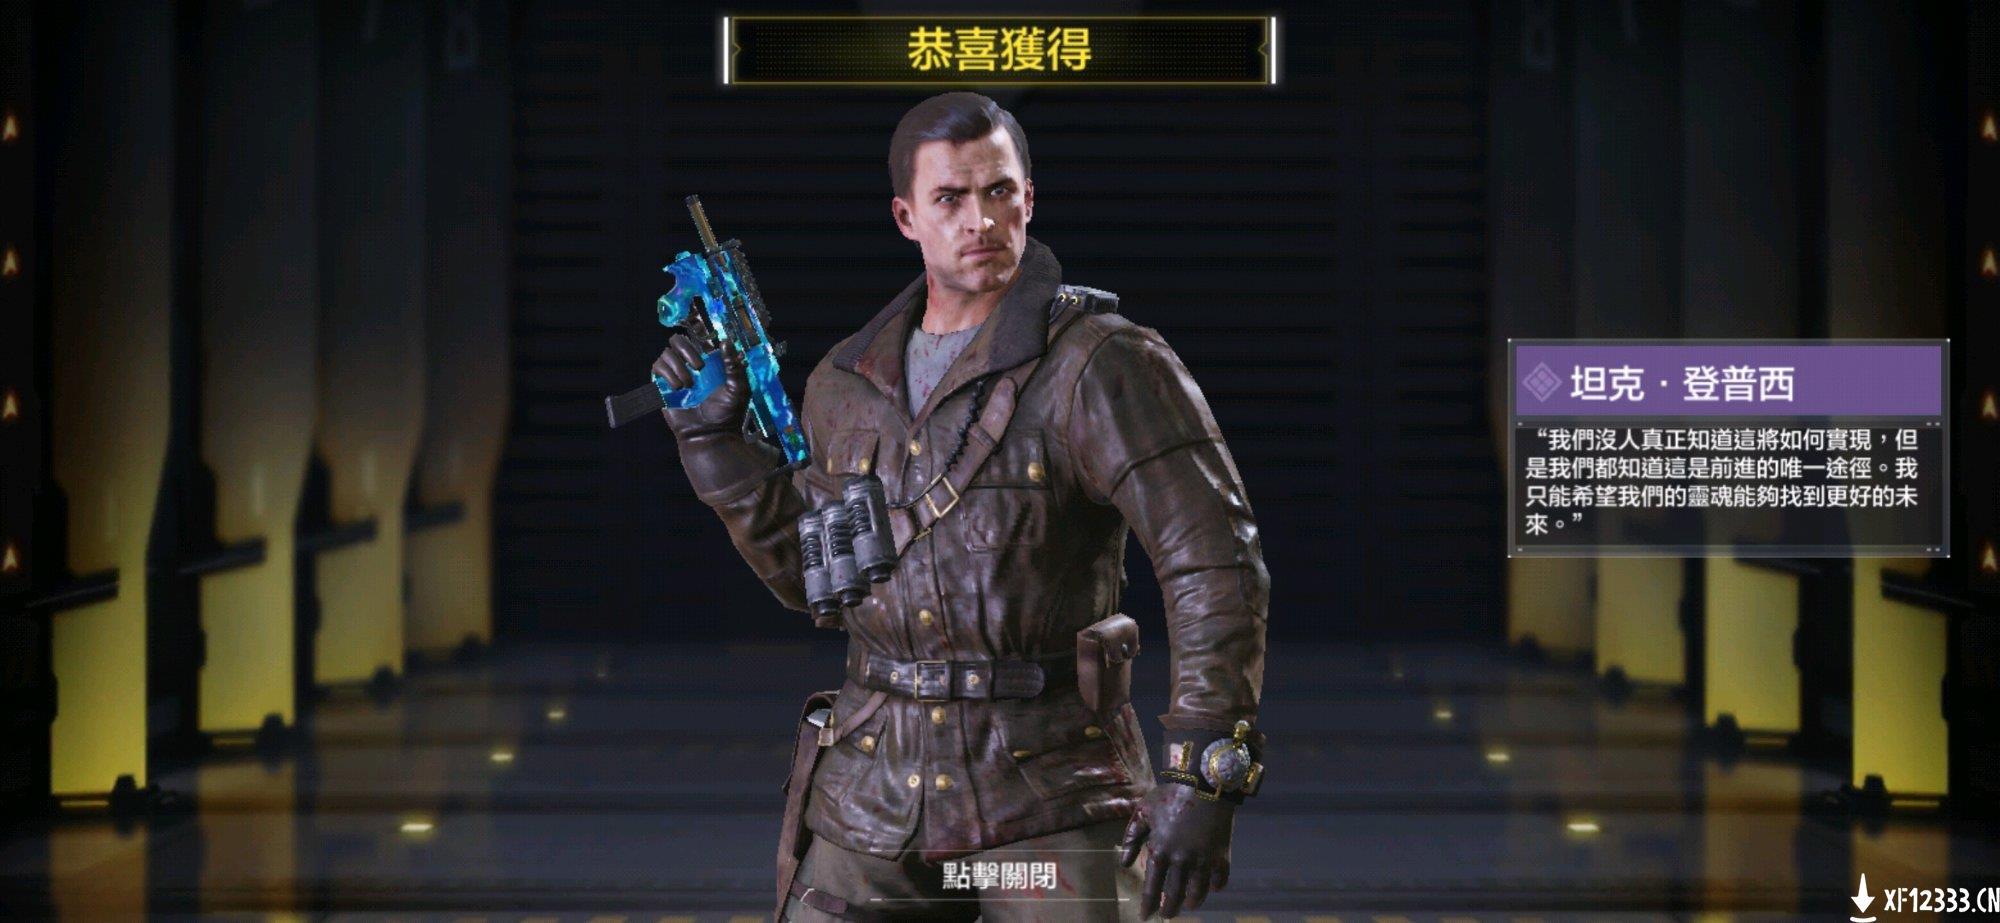 使命召唤手游僵尸模式高分攻略 僵尸模式枪械、Buff及饮料选择推荐